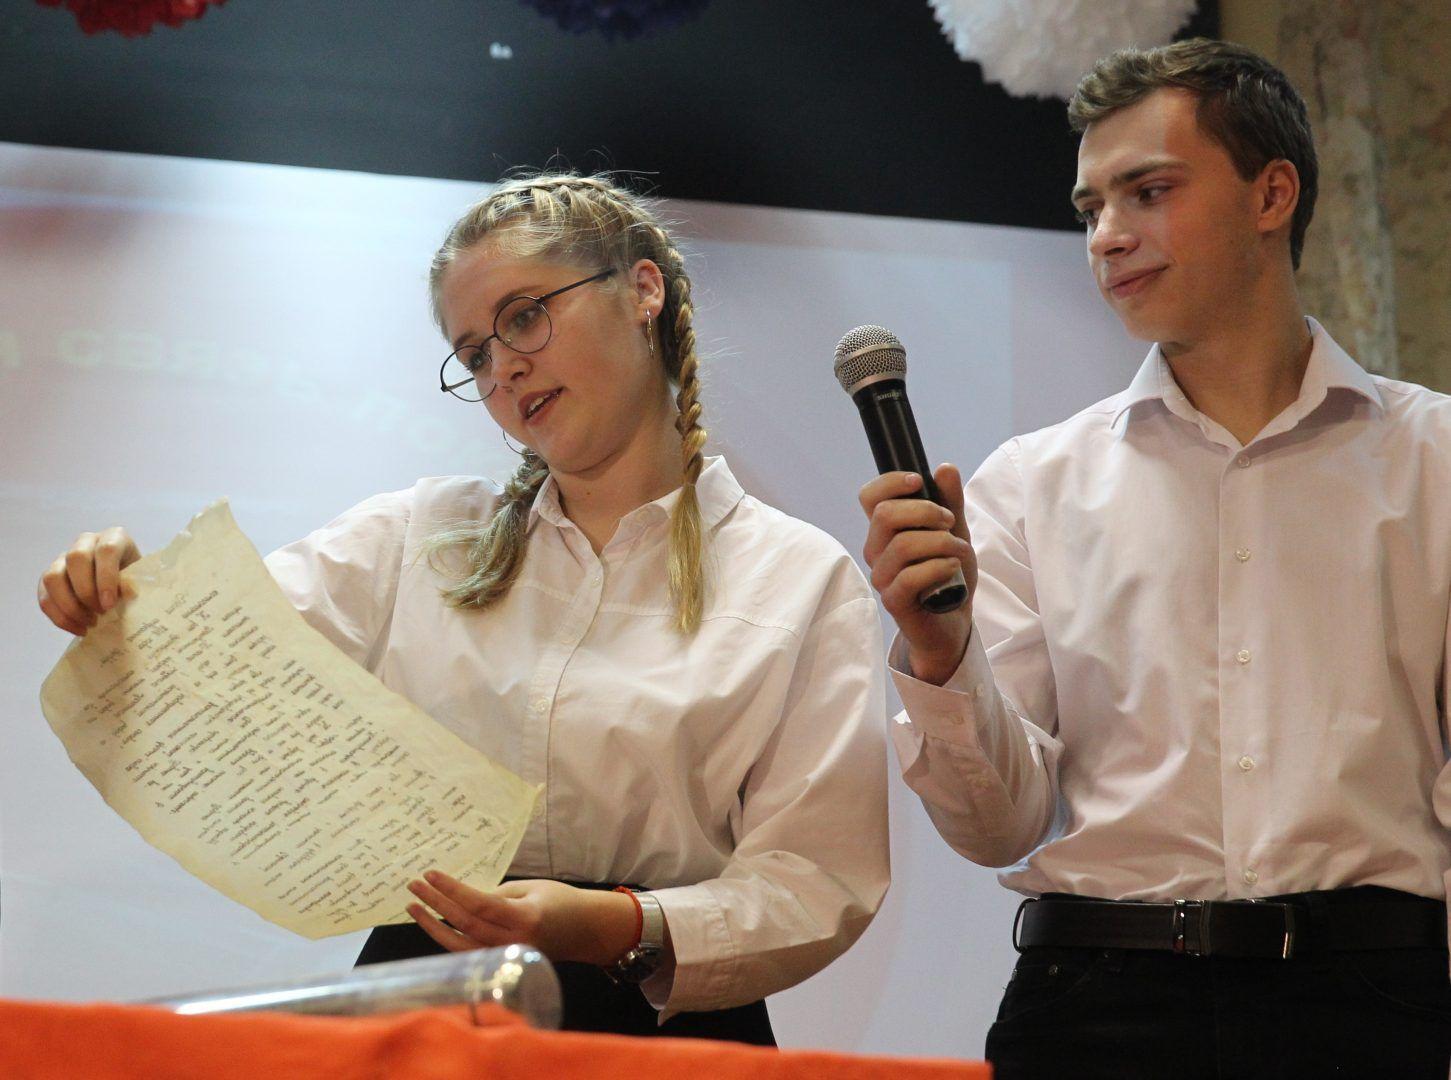 29 октября 2018 года. Ватутинки. Милена пашкова и Игорь Пиденко зачитывают послание из 1968 года. Фото: Владимир Смоляков